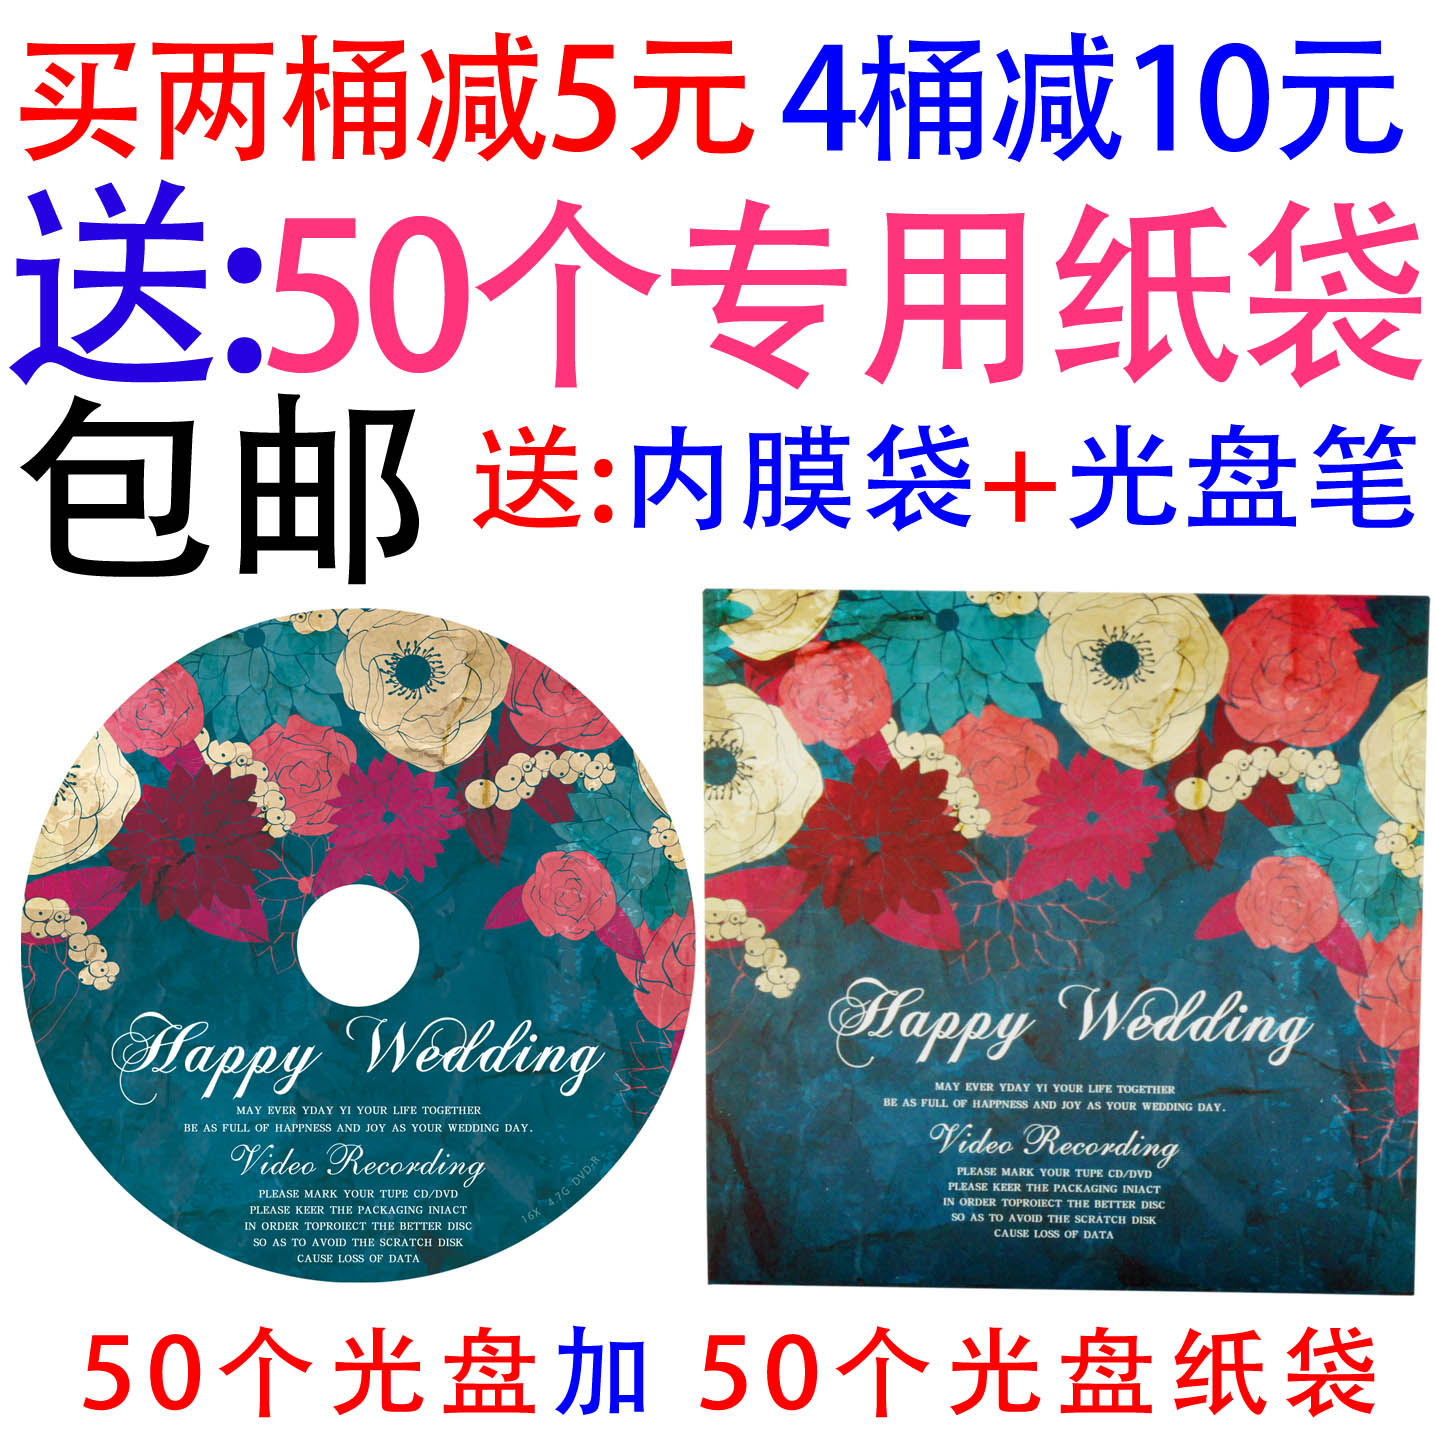 婚庆光盘 婚纱摄影DVD-R刻录盘 50片 婚礼DVD刻录盘4.7G 结婚光盘